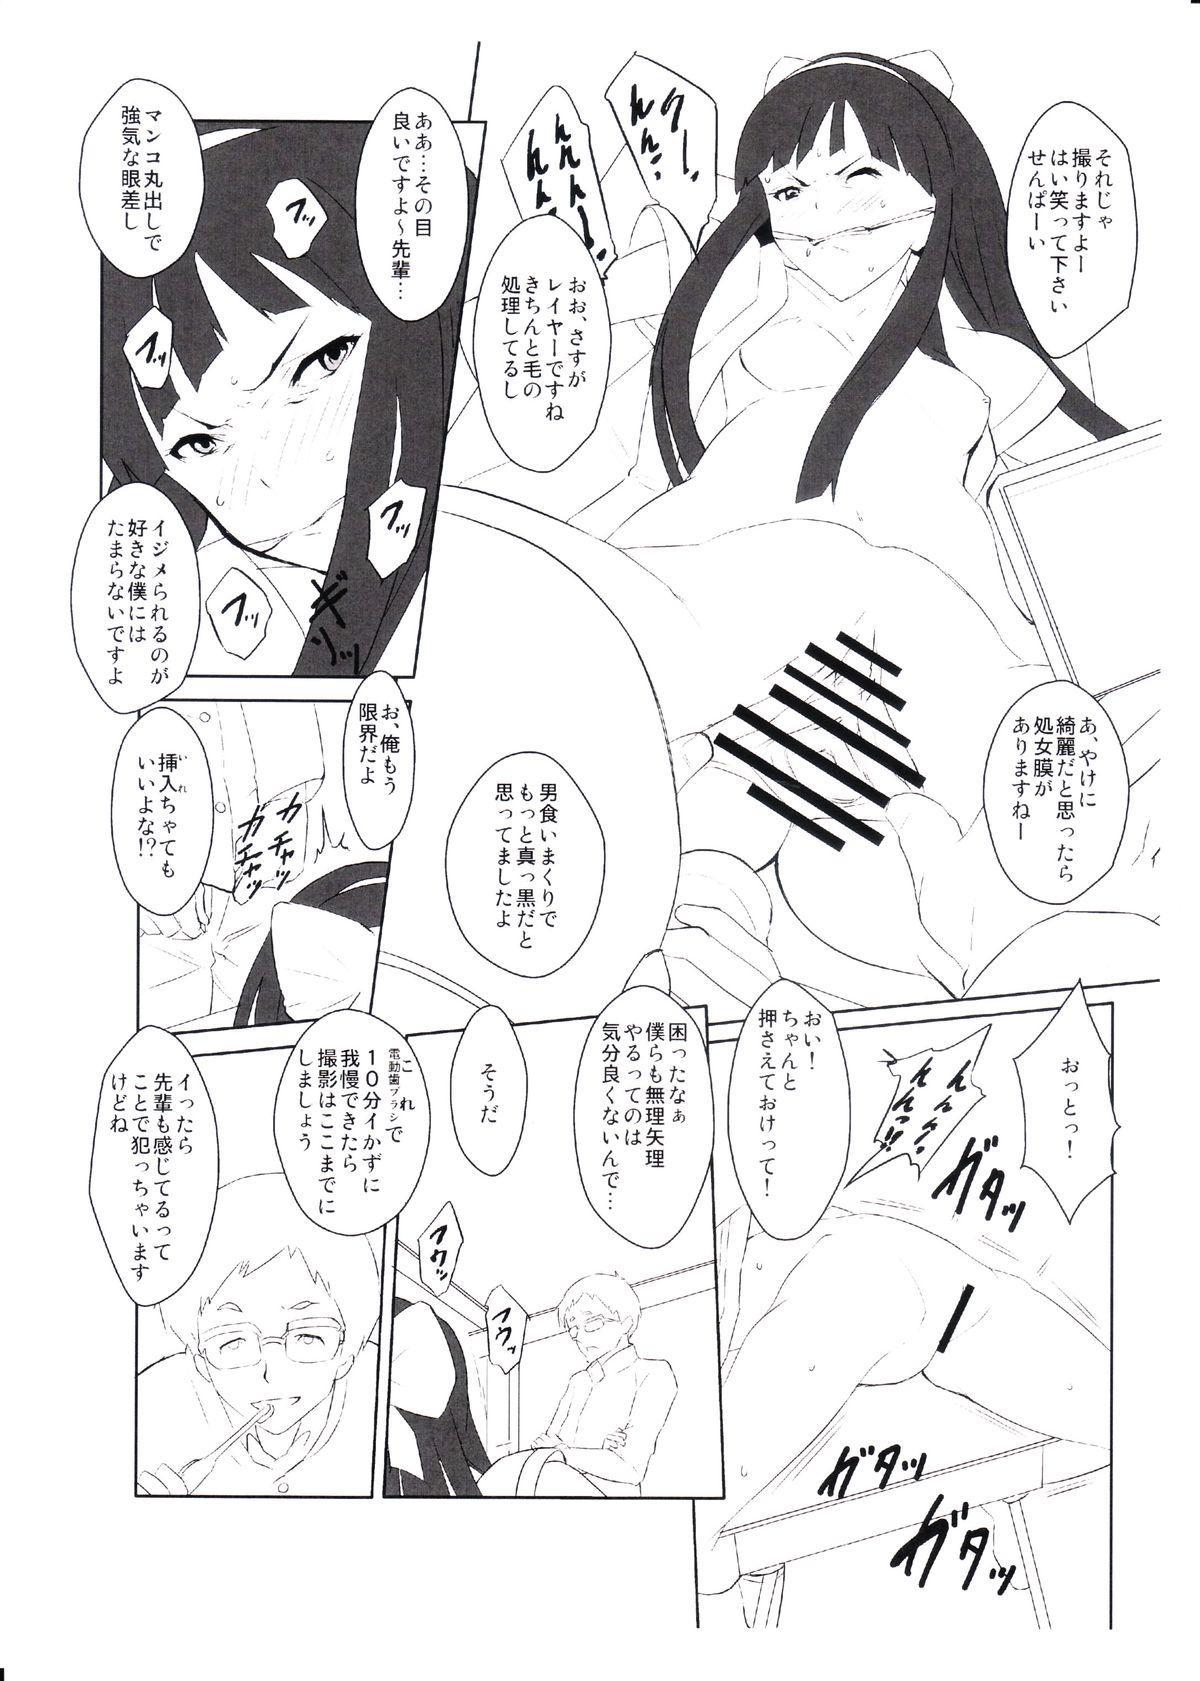 Omake no Nako Senpai 2